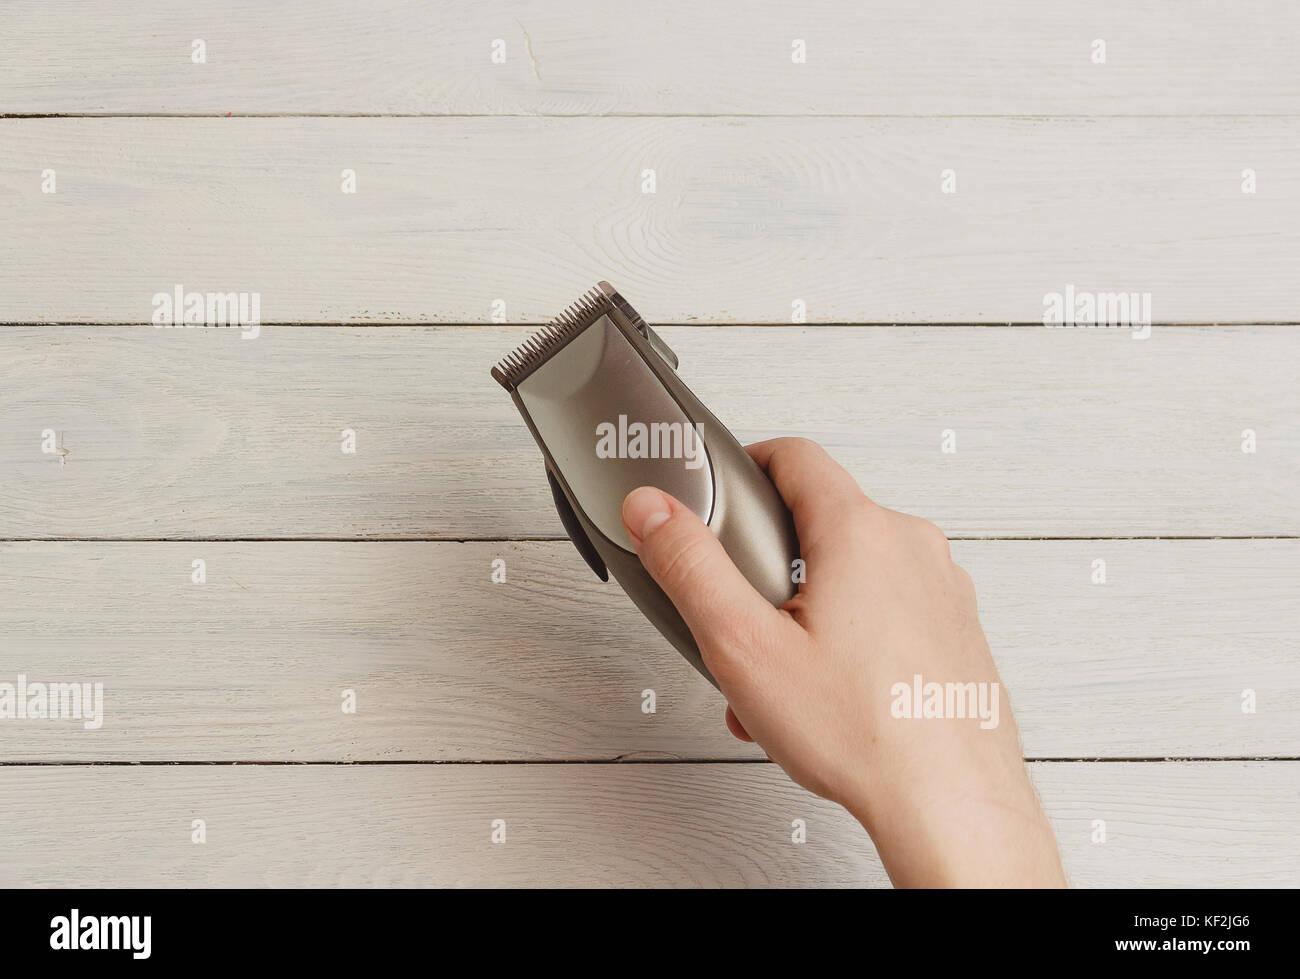 Mano de hombre sosteniendo cortapelos sobre fondo blanco de madera Imagen  De Stock a14cb86dbb0b